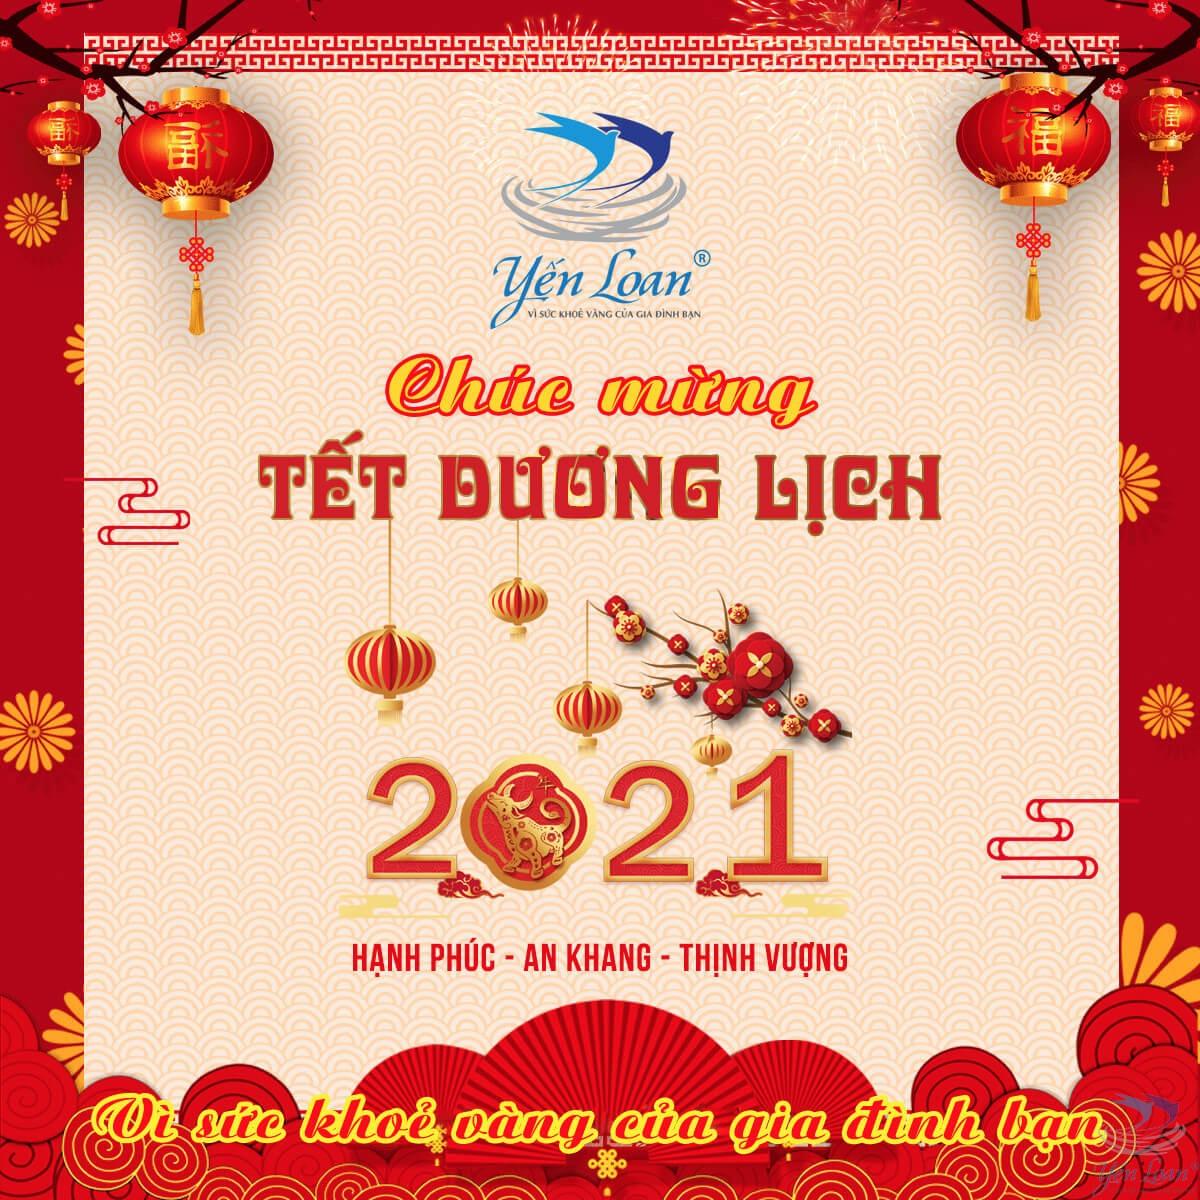 Chúc mừng Tết Dương Lịch 2021